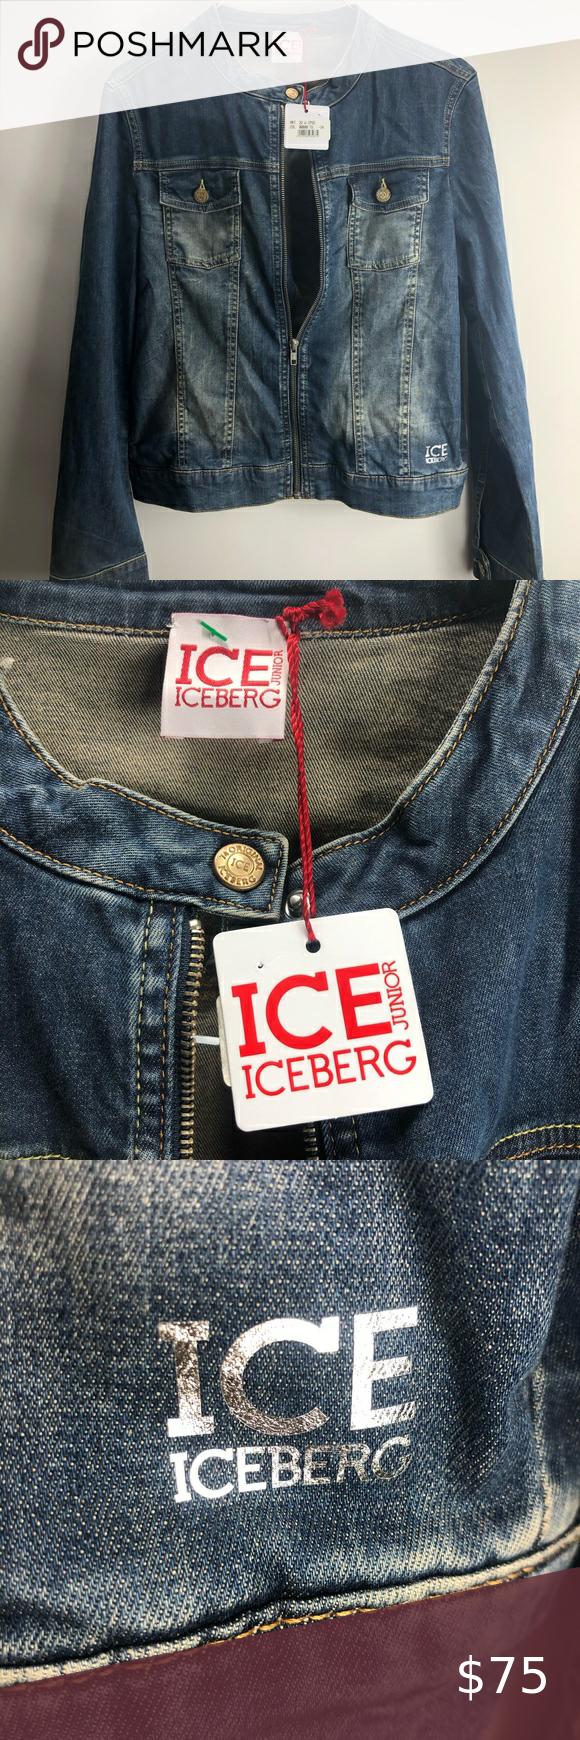 Ice Iceberg Snoopy Joe Cool Jean Denim Jacket Ice Iceberg Snoopy Joe Cool Denim Zip Jean Jacket Junior In Woman S Small Denim Jacket Jackets For Women Jackets [ 1740 x 580 Pixel ]